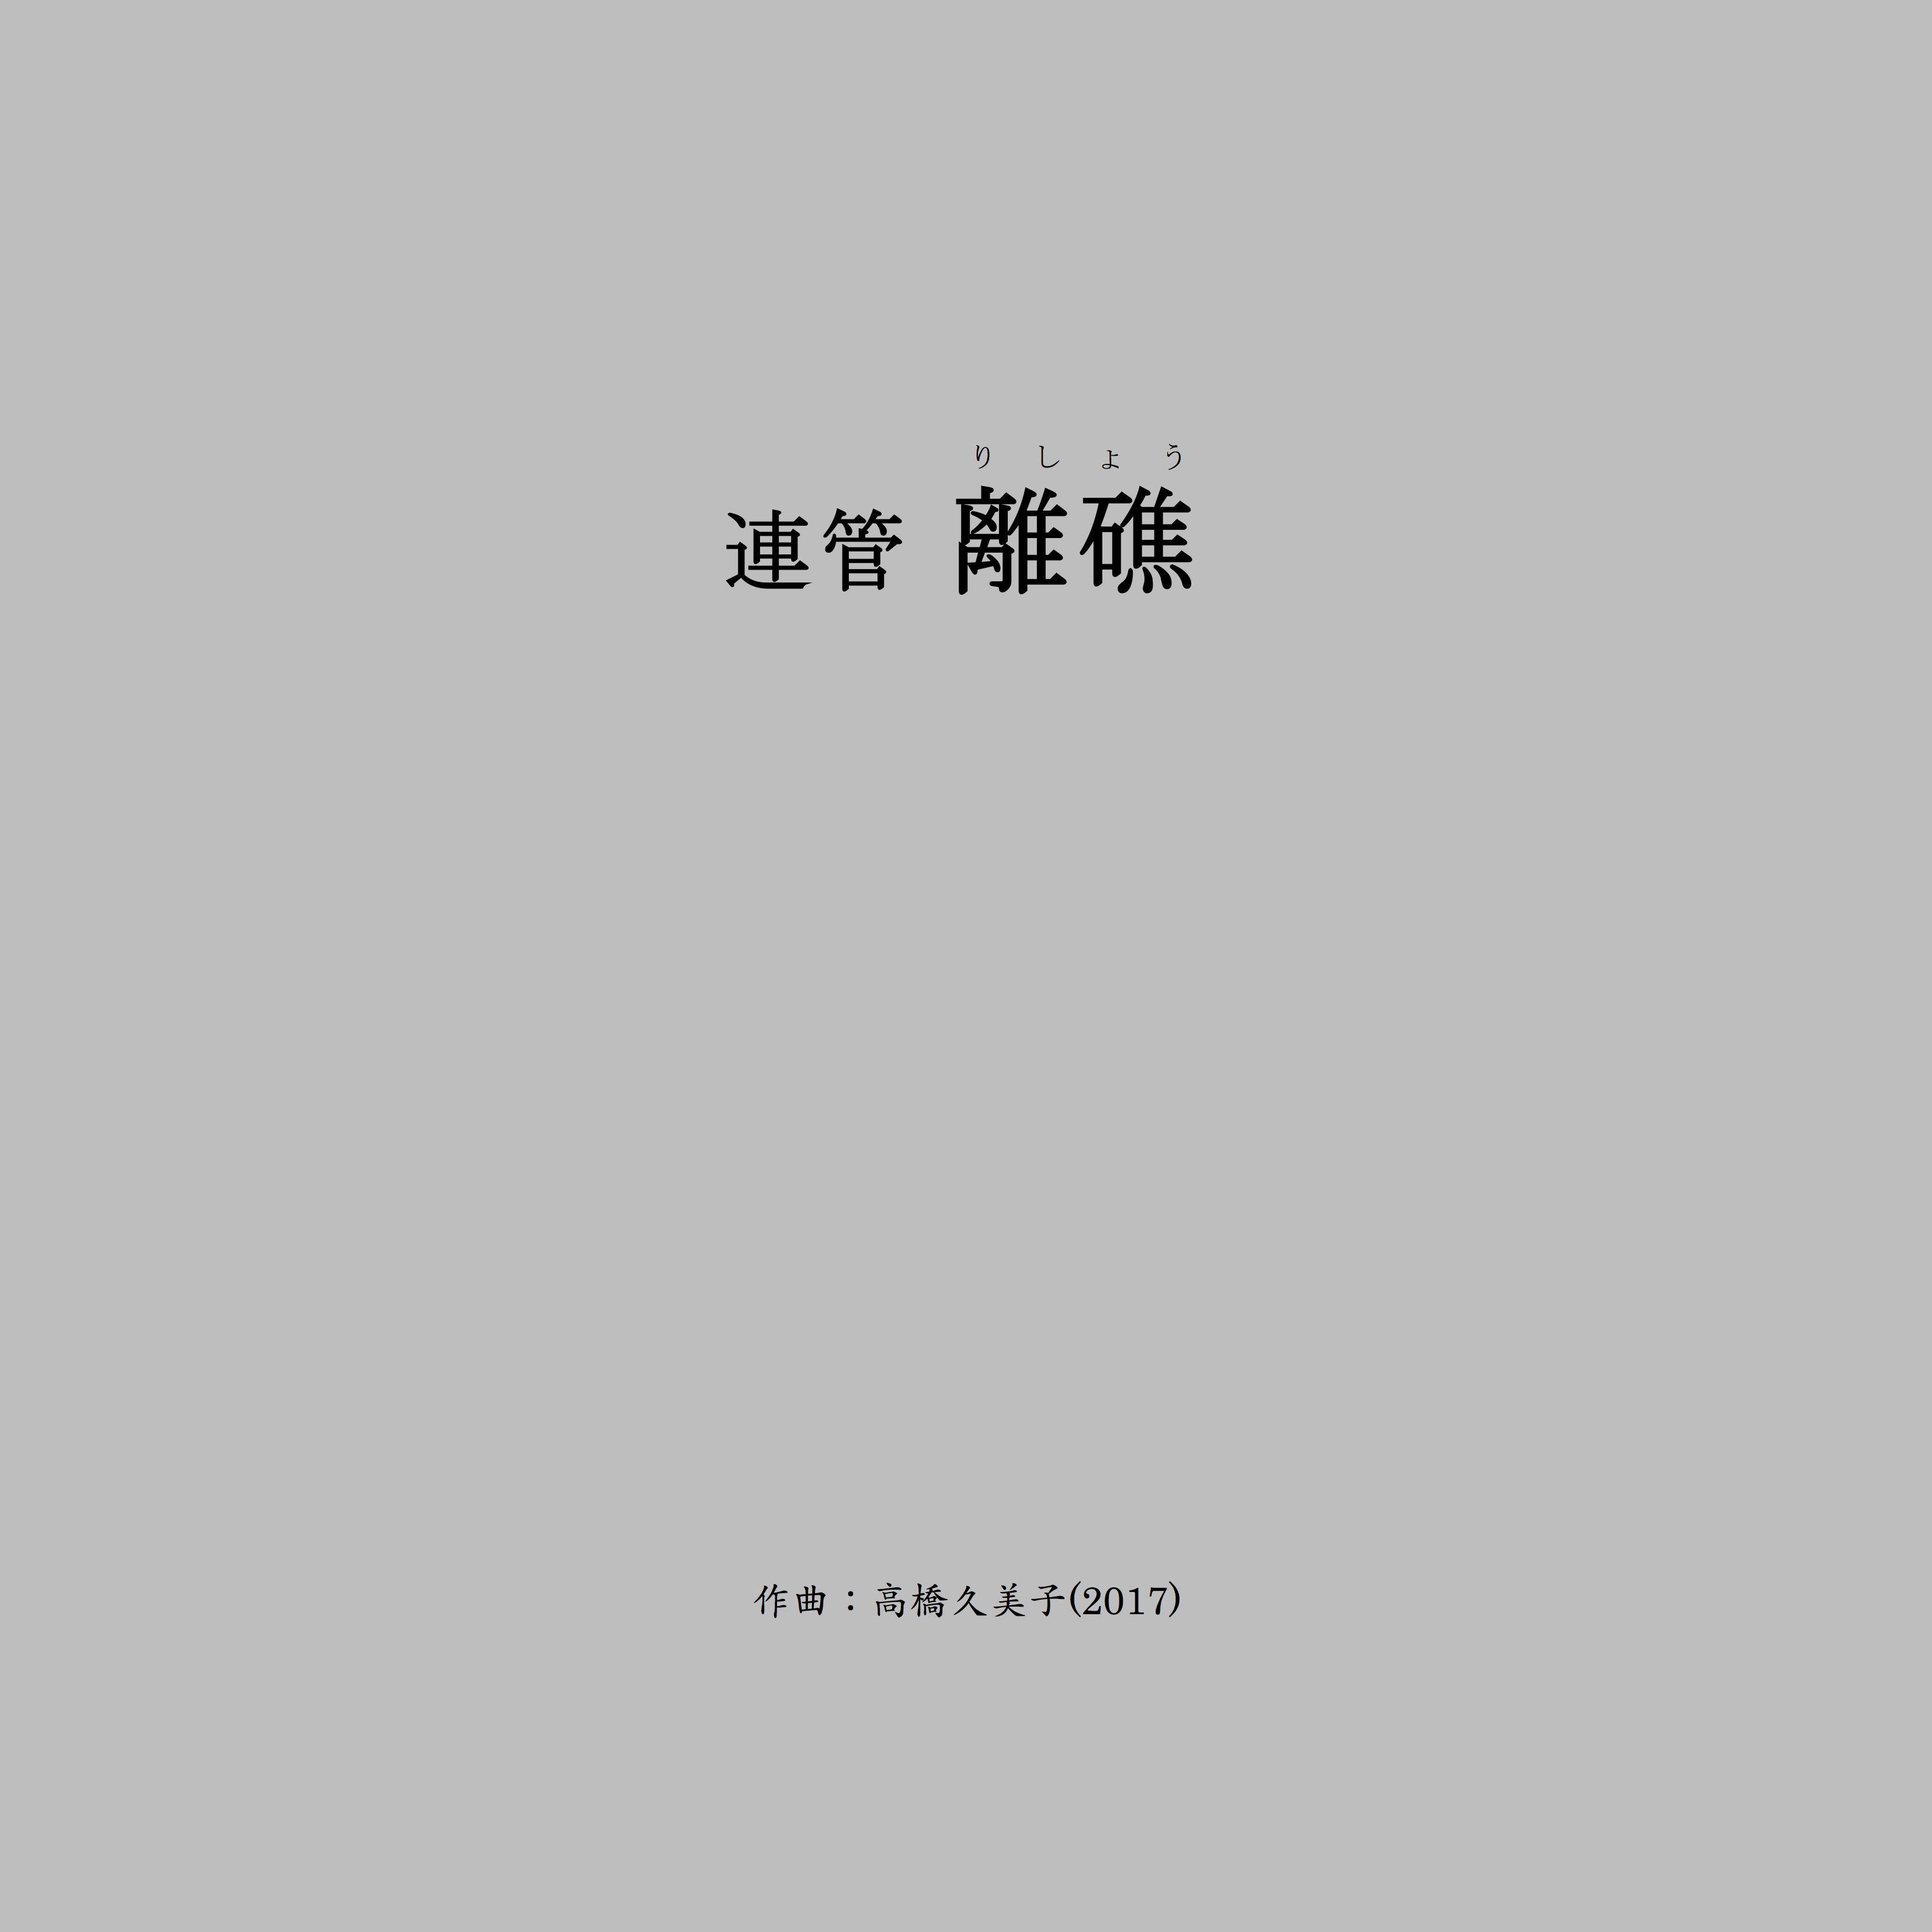 【楽譜】連管 離礁<りしょう>(五線譜)A4判